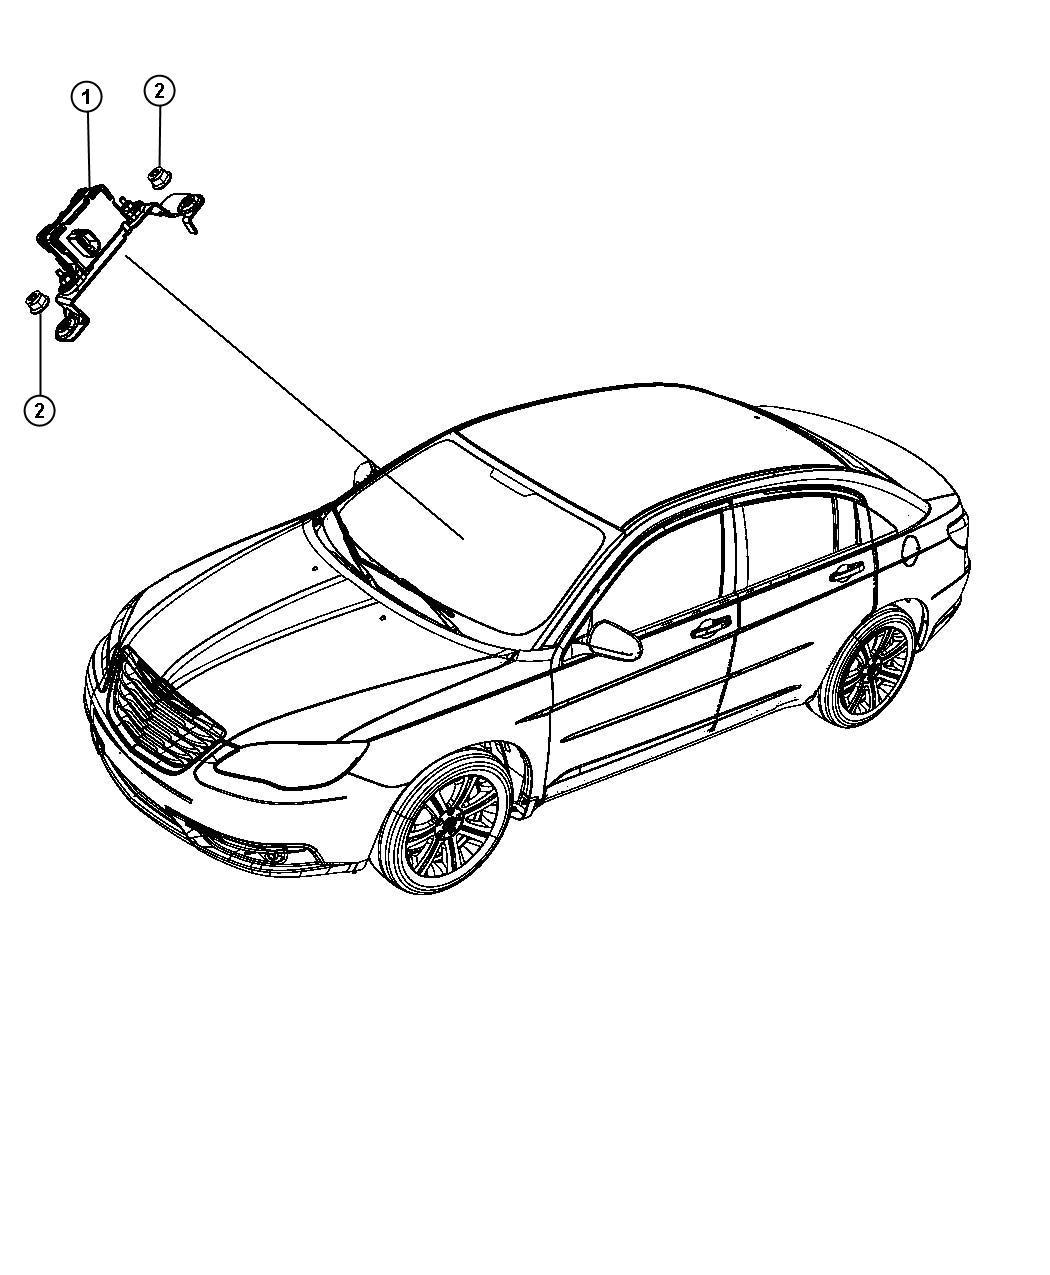 2013 Dodge Avenger Sensor. Dynamics. Used for: lateral